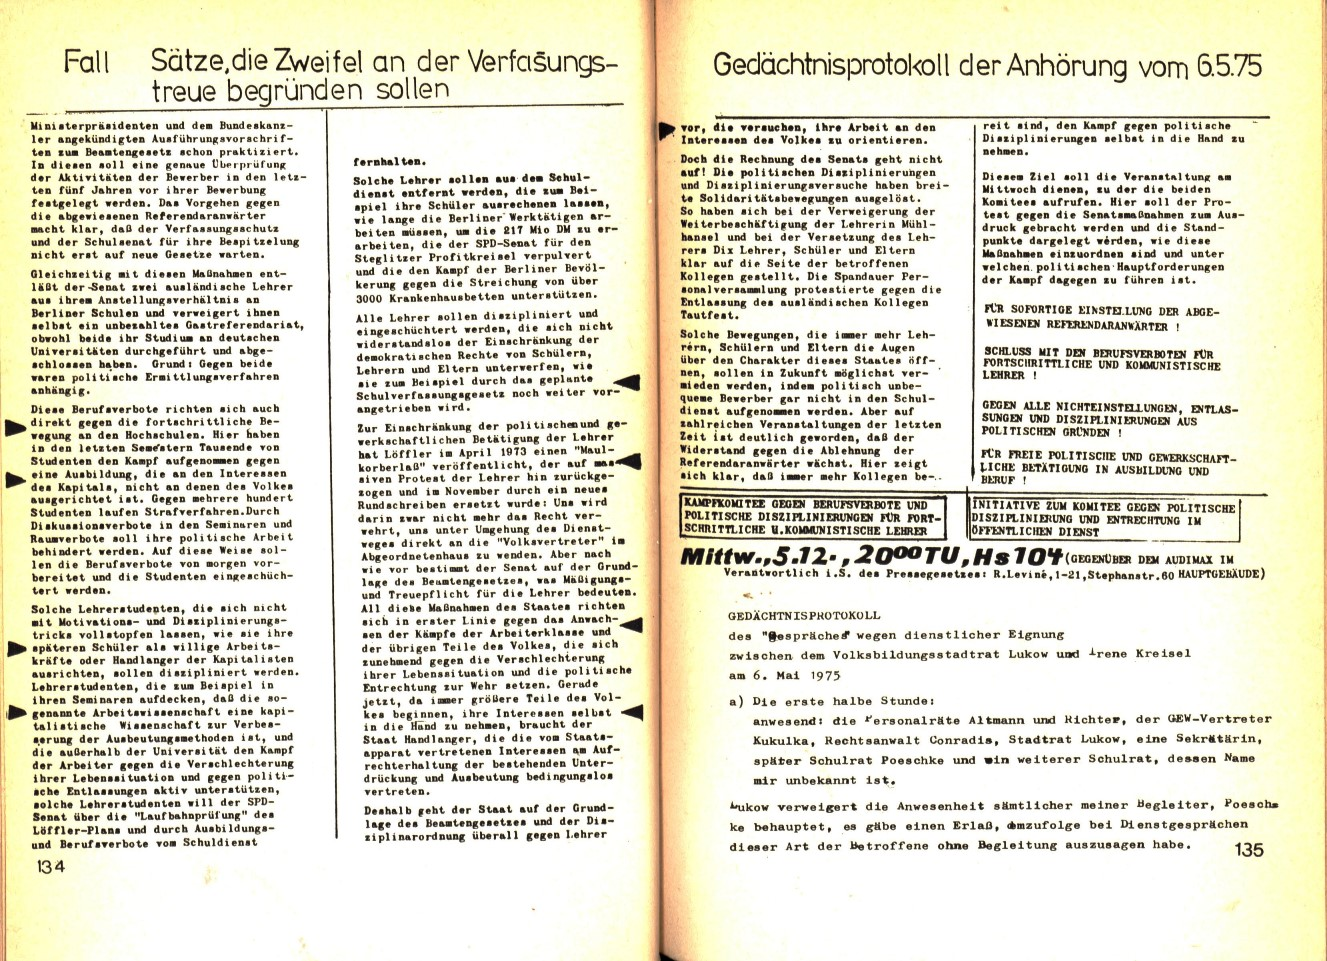 Berlin_VDS_Aktionskomitee_1976_BerufsverboteIII_69